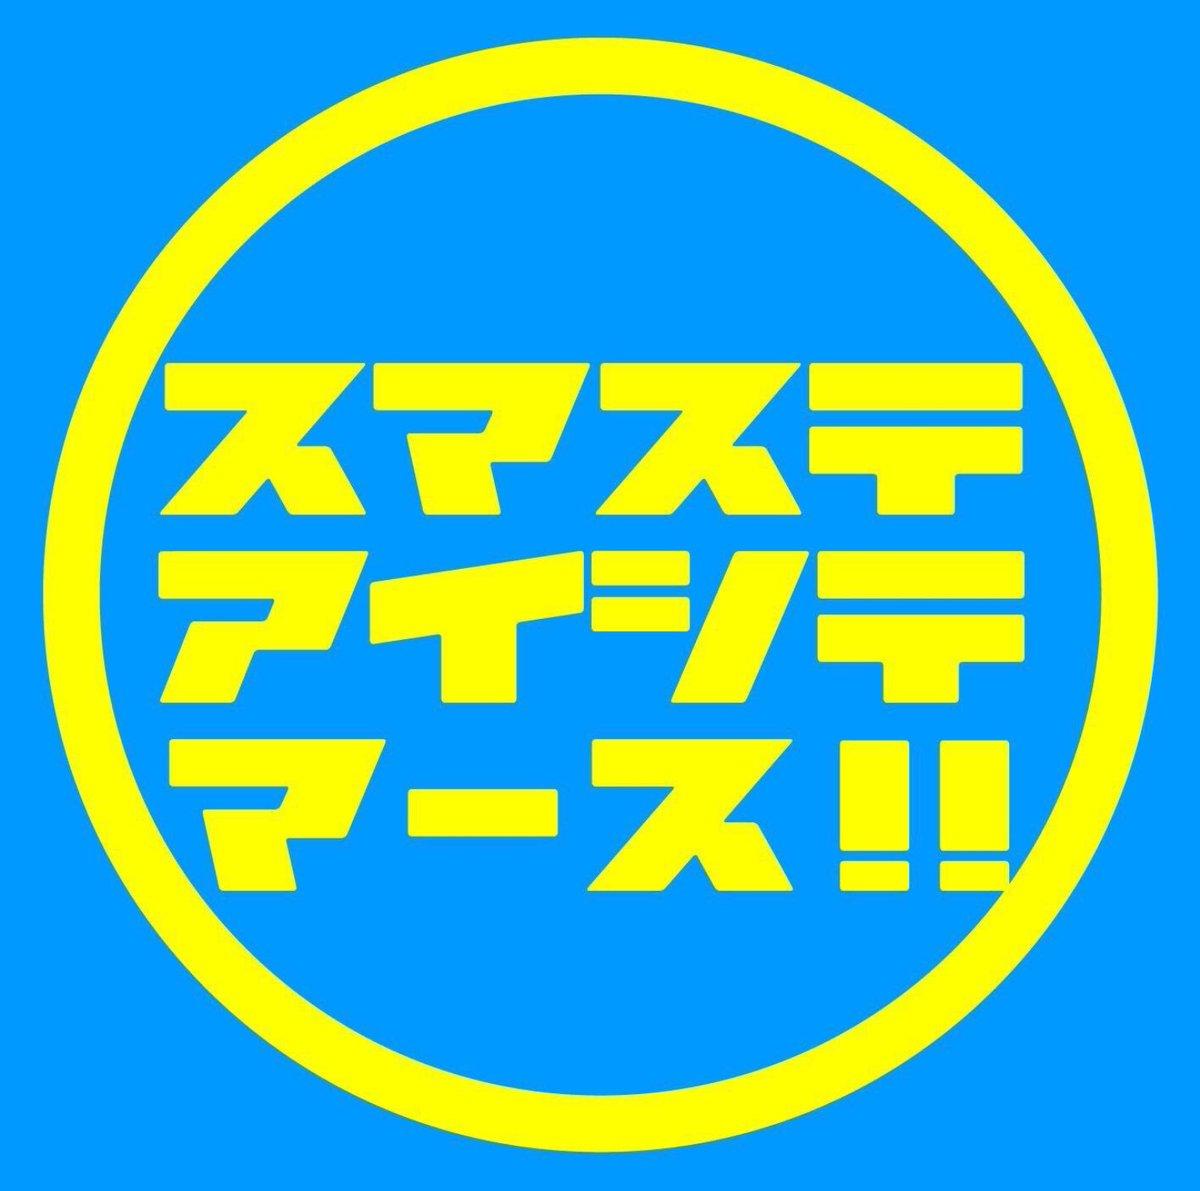 test ツイッターメディア - #ダイソー に行ったら星グッズが??????????? 100均特集またやって欲しいなぁ??? (クッションはカバーだけです) もう直ぐ生慎吾ちゃん逢える\(^-^)/ 楽しみにしてるよ!!  #スマ写真部  #東京タワーと星を慎吾に  #SMAP #スマステ #スマステ大好き https://t.co/zHBF9WO9Qr